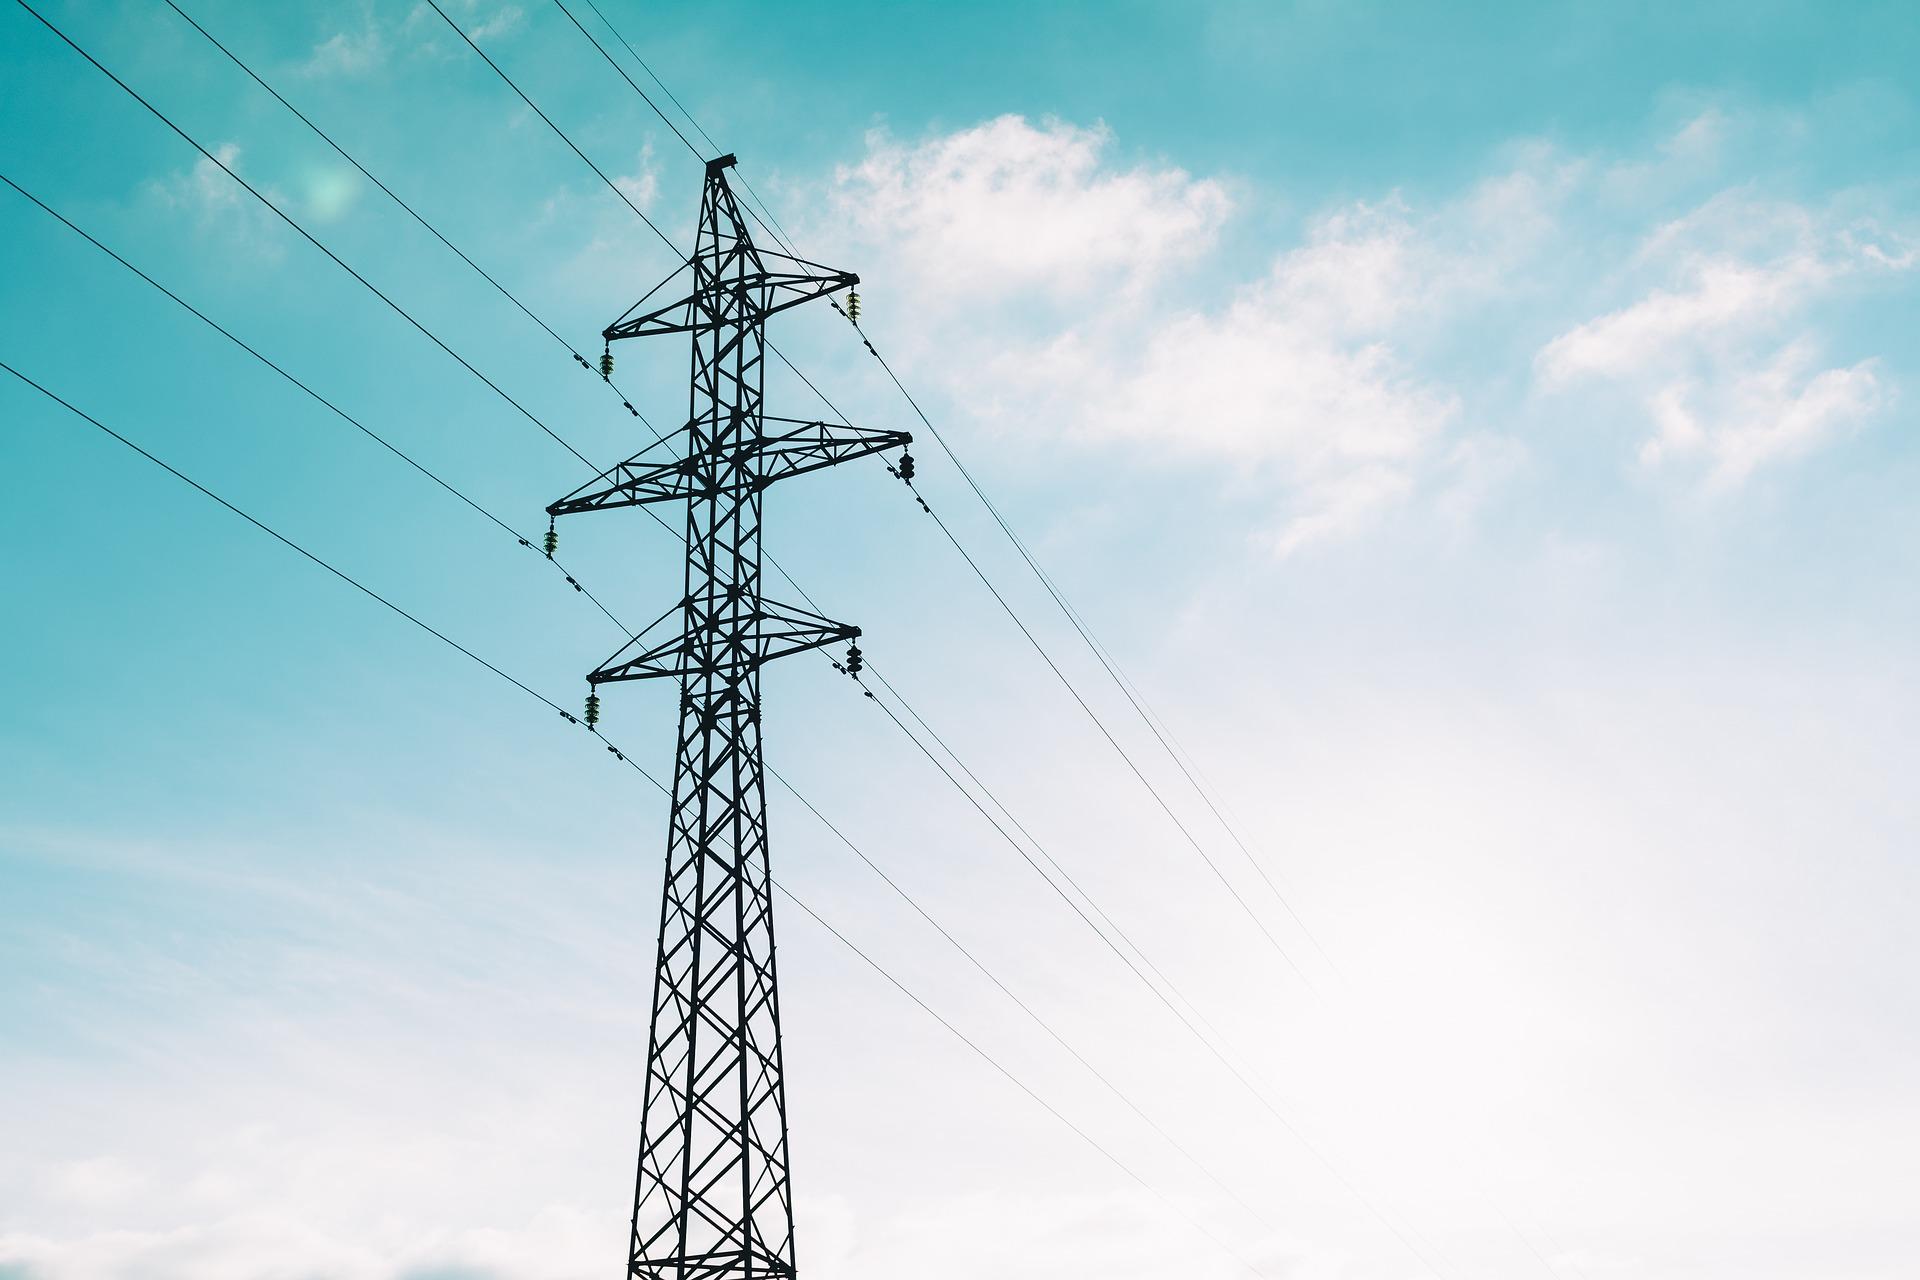 Acţionarii Transelectrica au numit şapte membri provizorii în Consiliul de Supraveghere